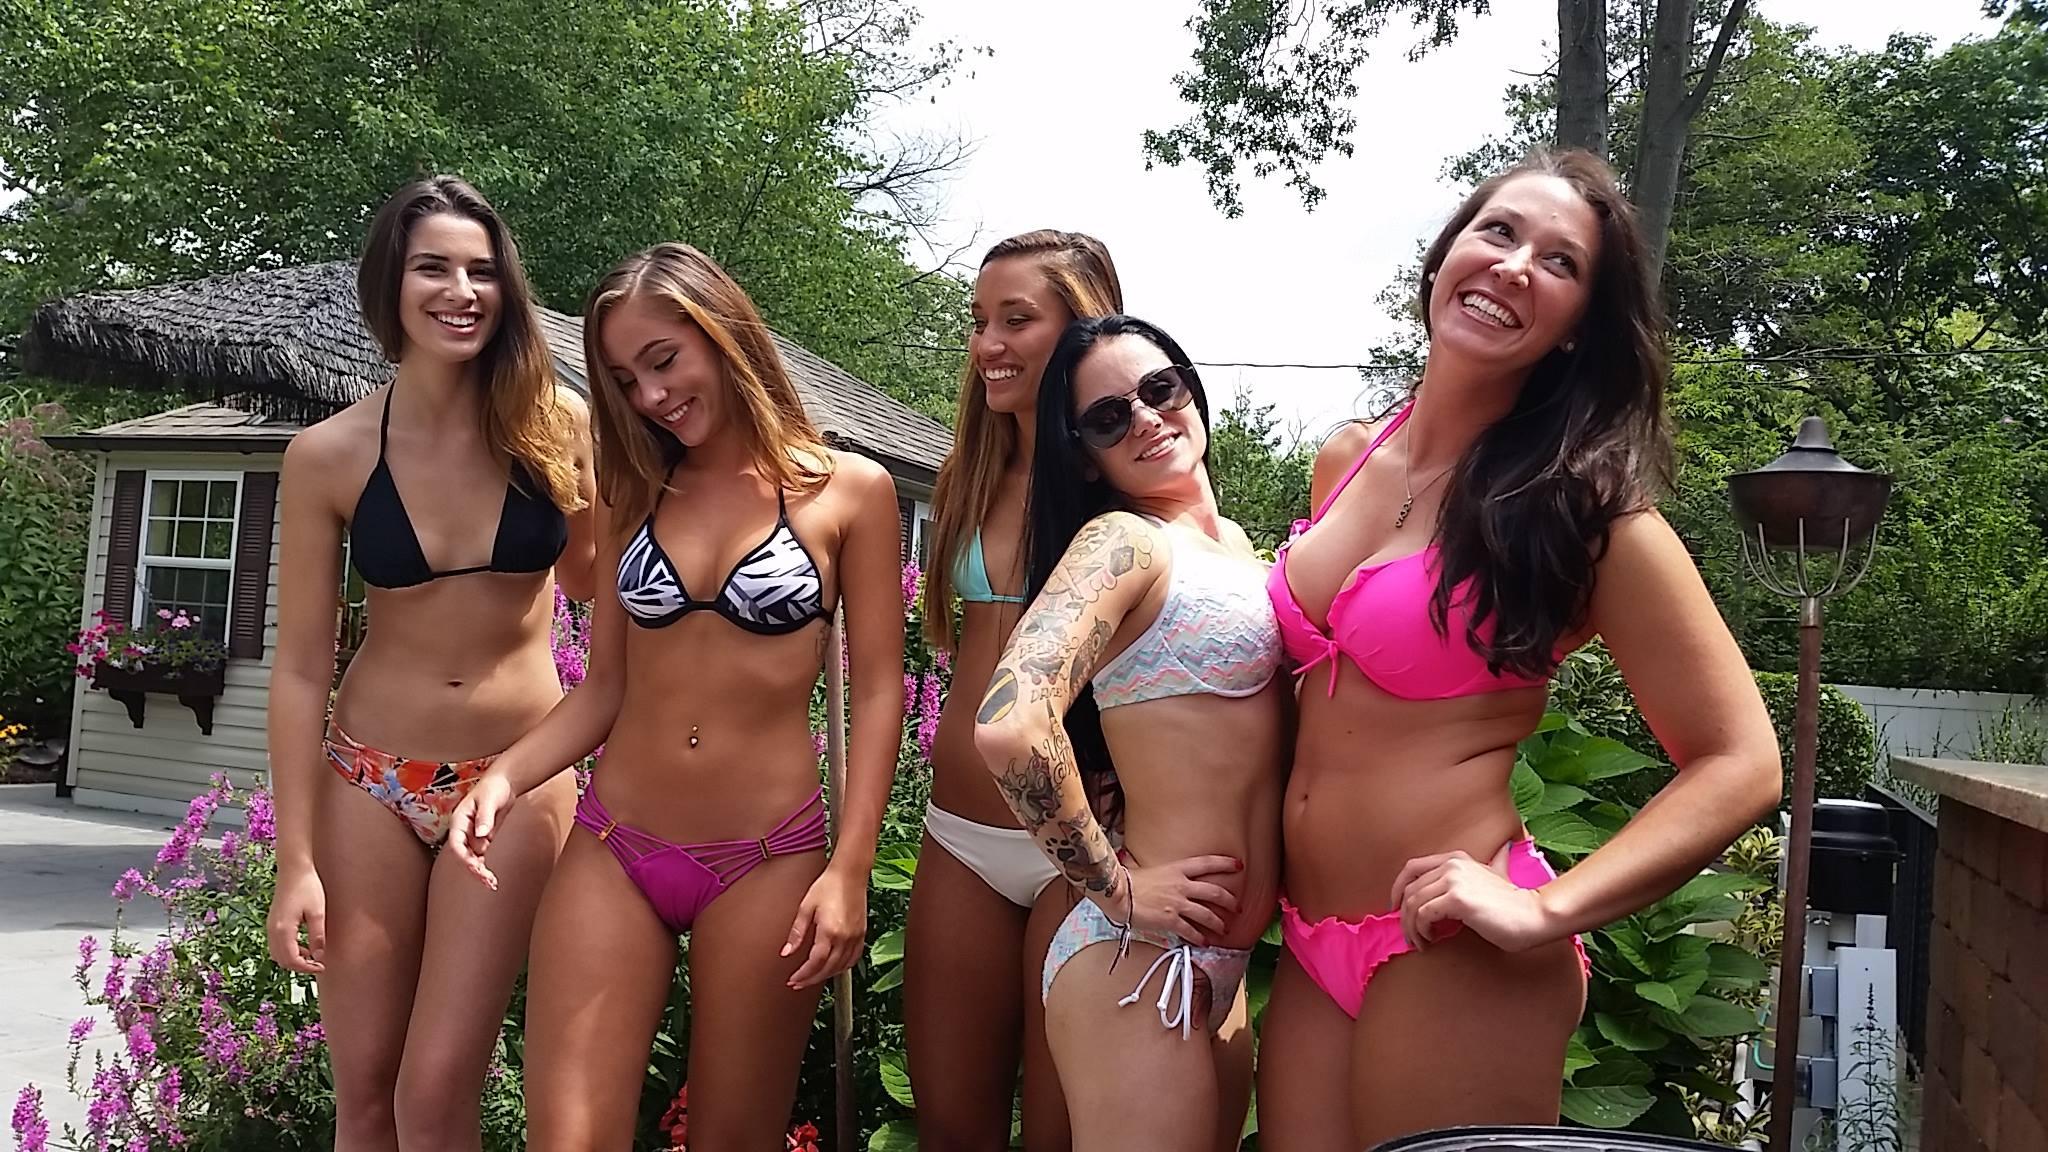 Babe bikini college